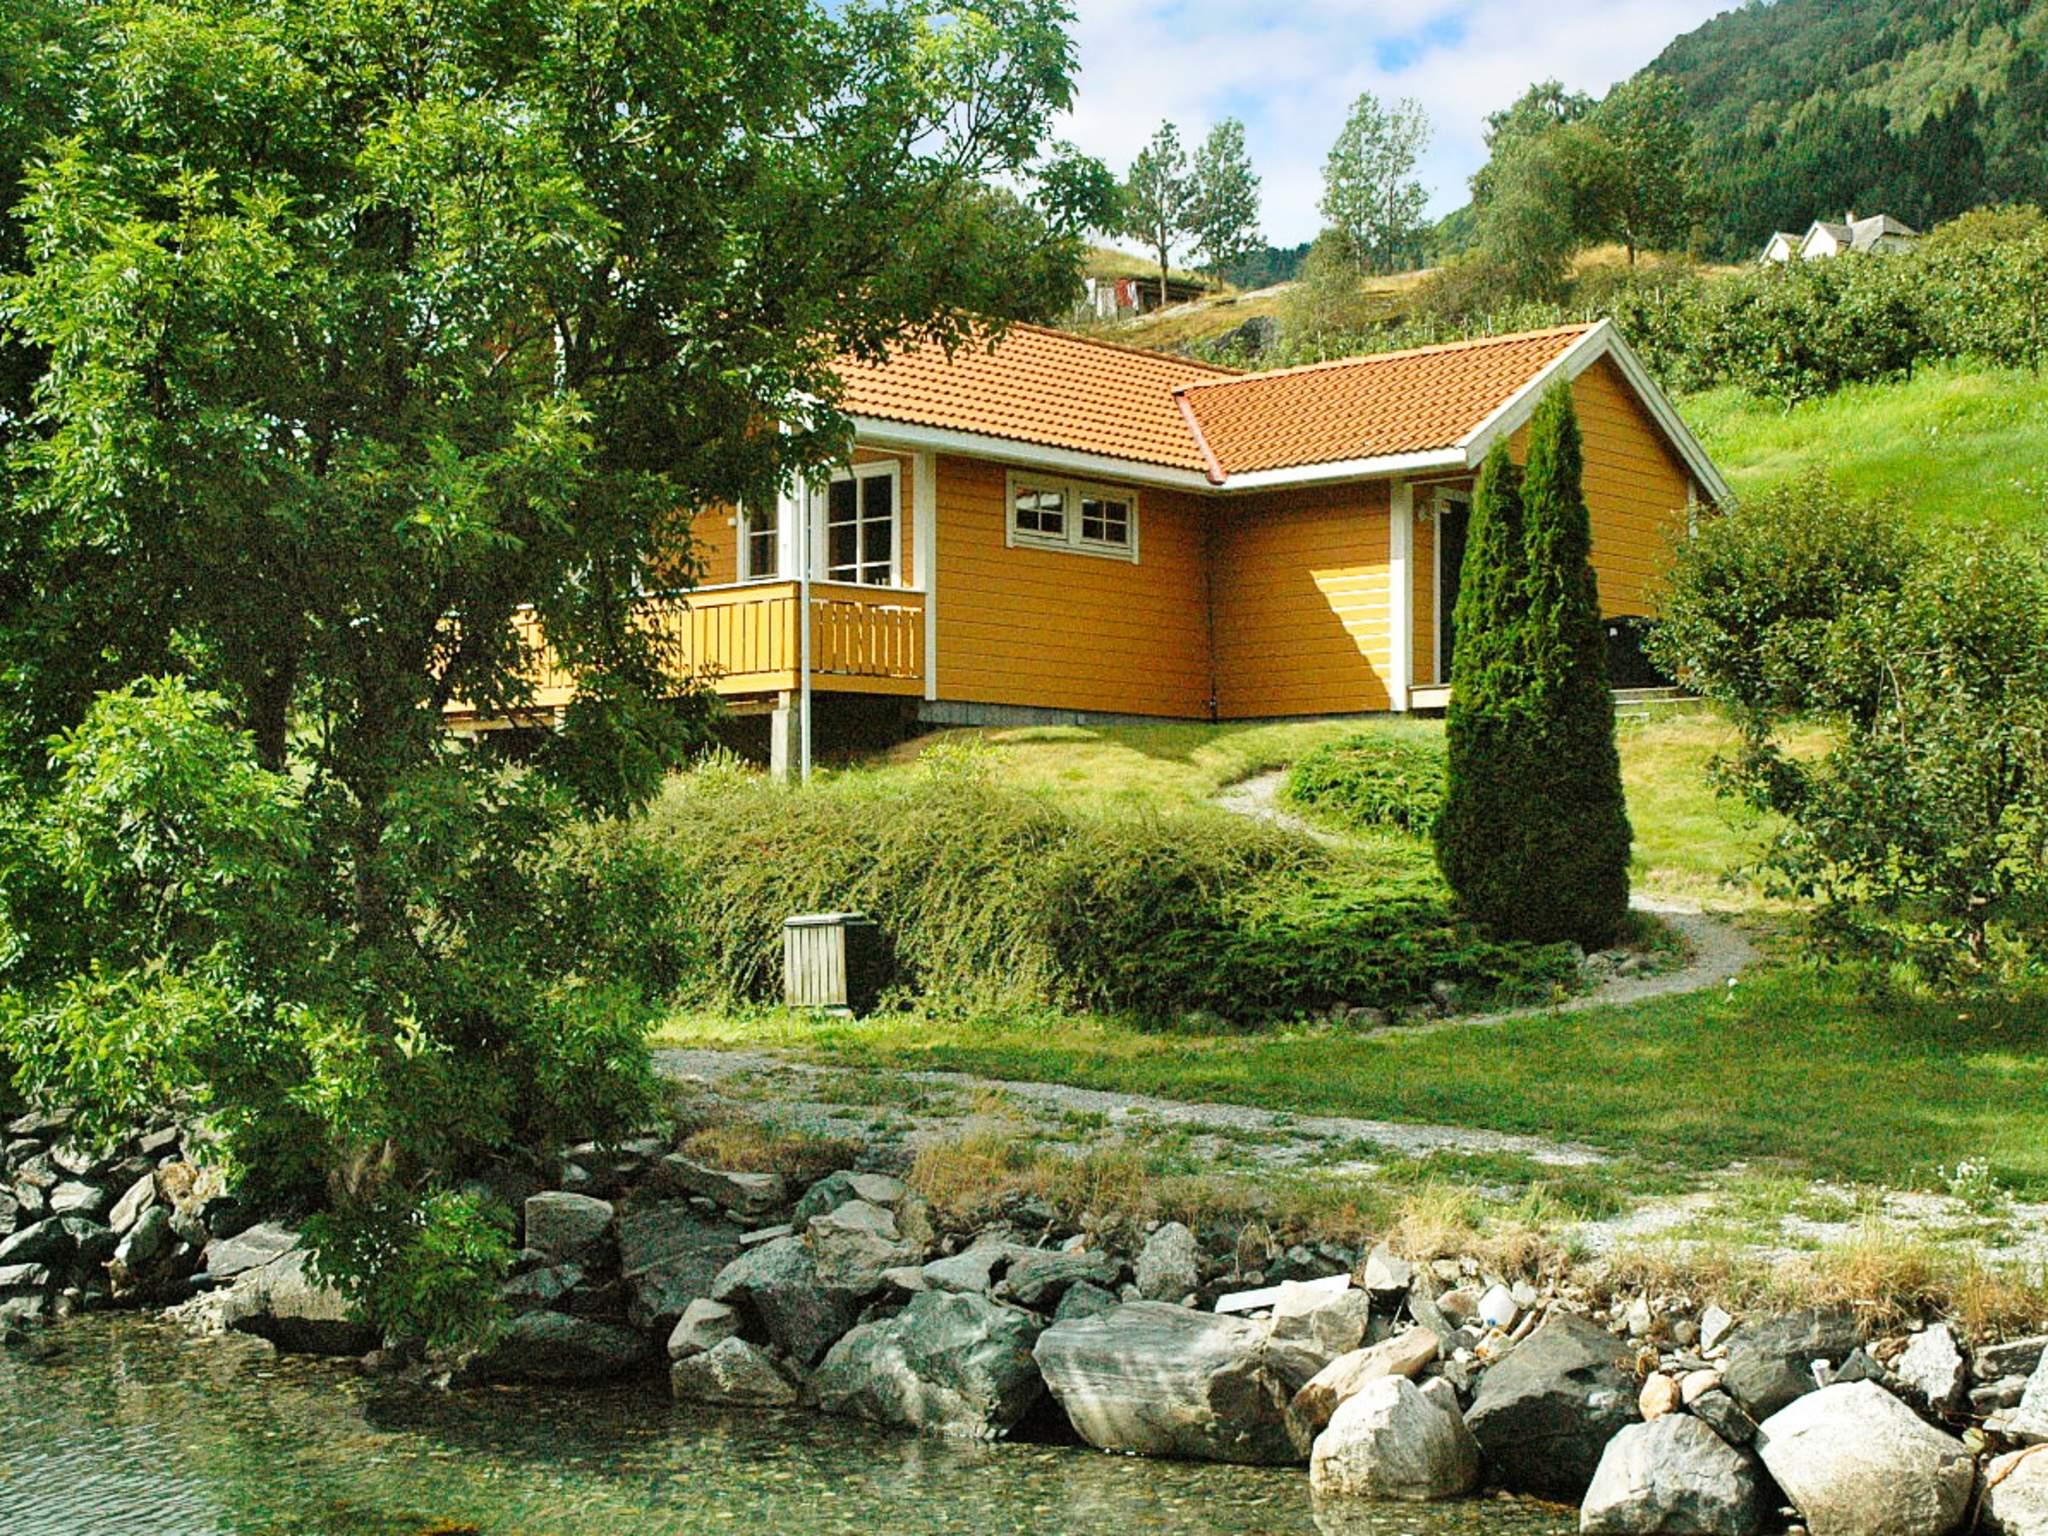 Ferienhaus Slinde (82397), Slinde, Sognefjord - Nordfjord, Westnorwegen, Norwegen, Bild 11